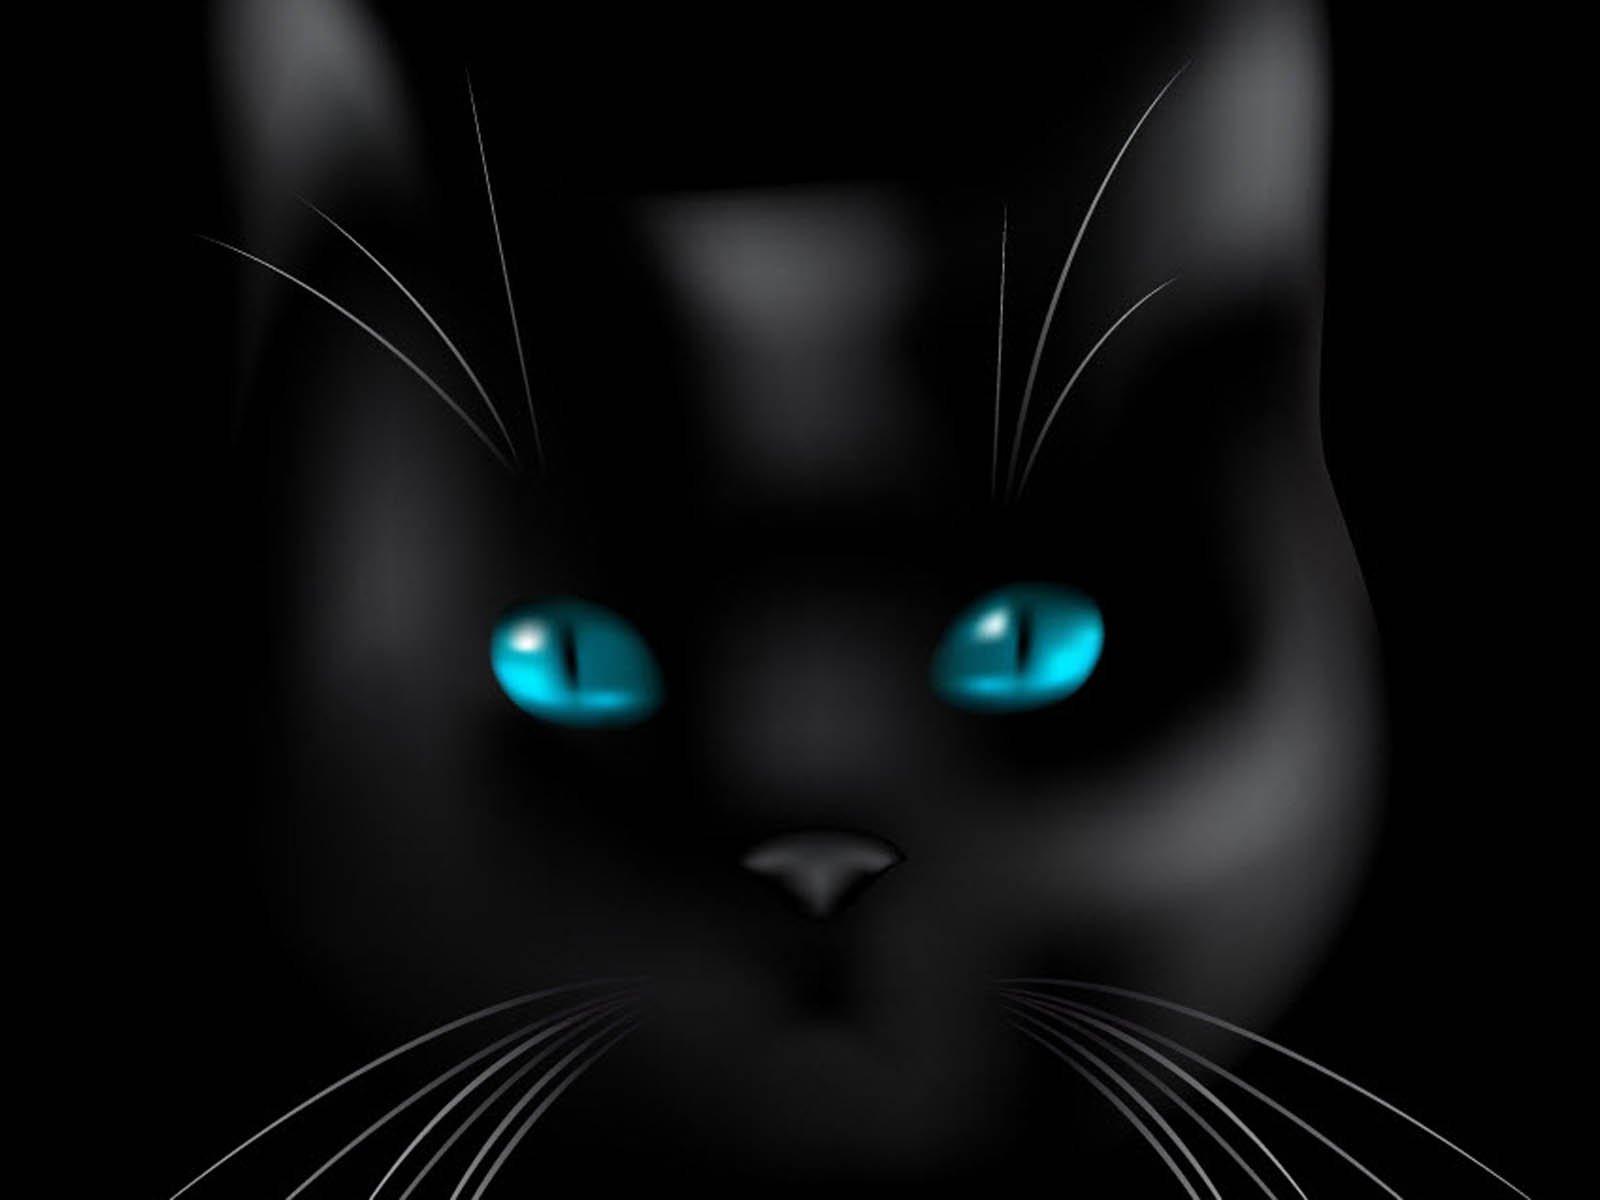 3783 <b>Blue Eyes</b> HD <b>Wallpapers</b> | Backgrounds - <b>Wallpaper</b> Abyss